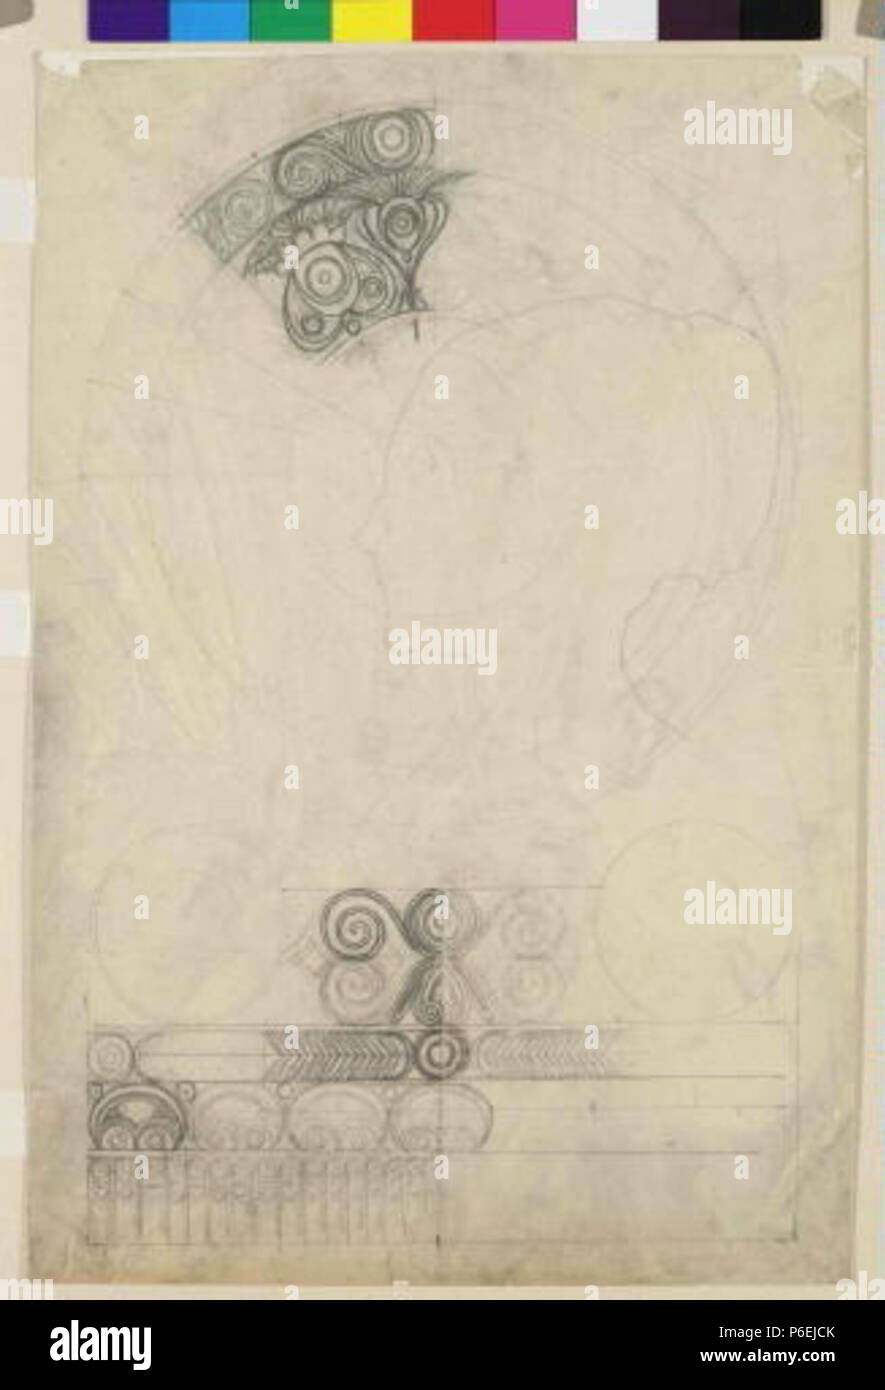 .: Studie eština k dekorativnímu panneau Chardon de Greves circa 1901 6 Autor Alfons Mucha 24.7.1860-14.7.1939 - Studie k dekorativnimu panneau Chardon de Greves Foto de stock